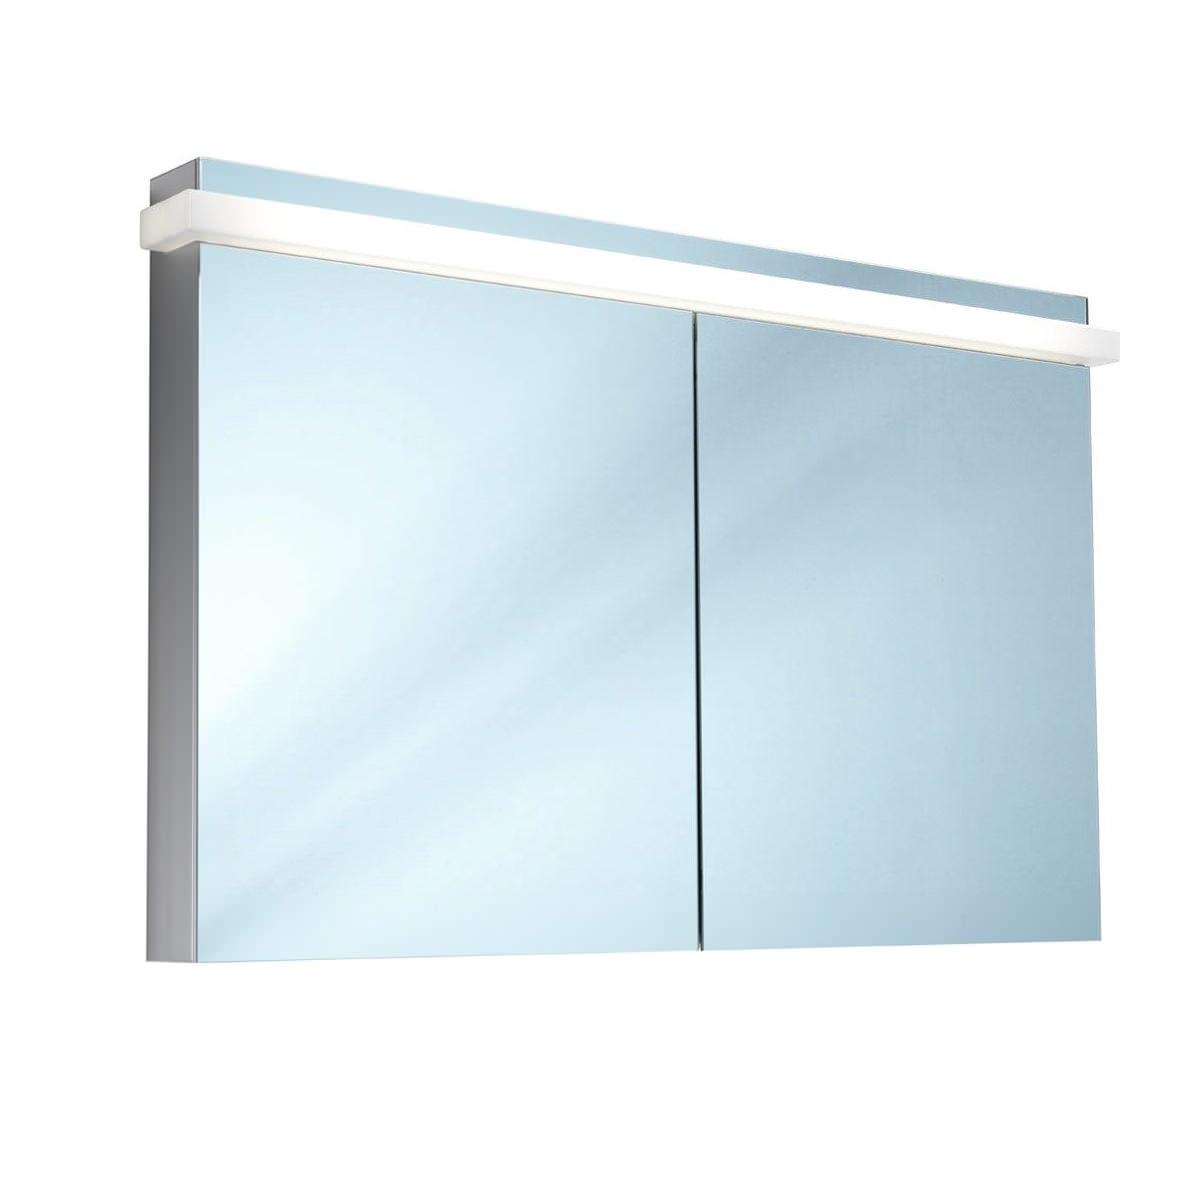 Schneider taikaline 2 door 1200mm mirror cabinet for Mirrored cabinet doors